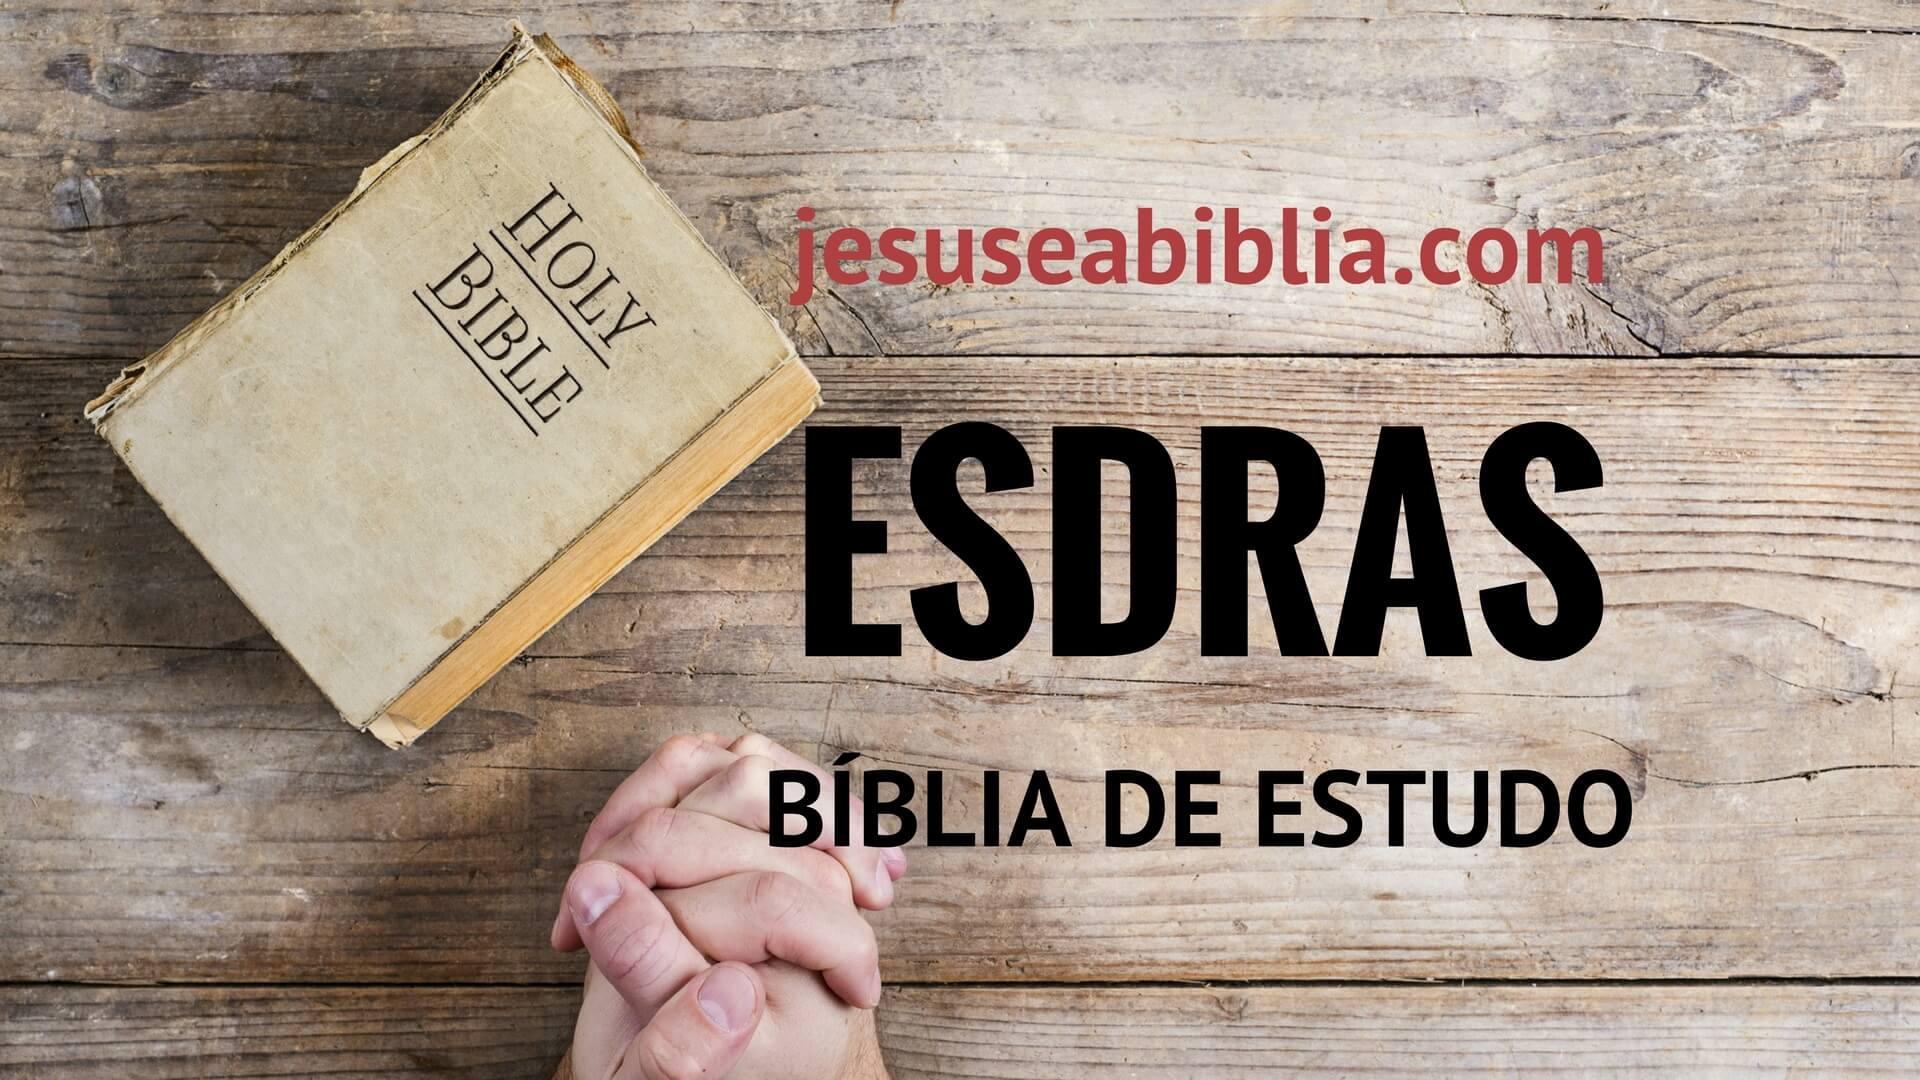 Esdras - Bíblia de Estudo Online